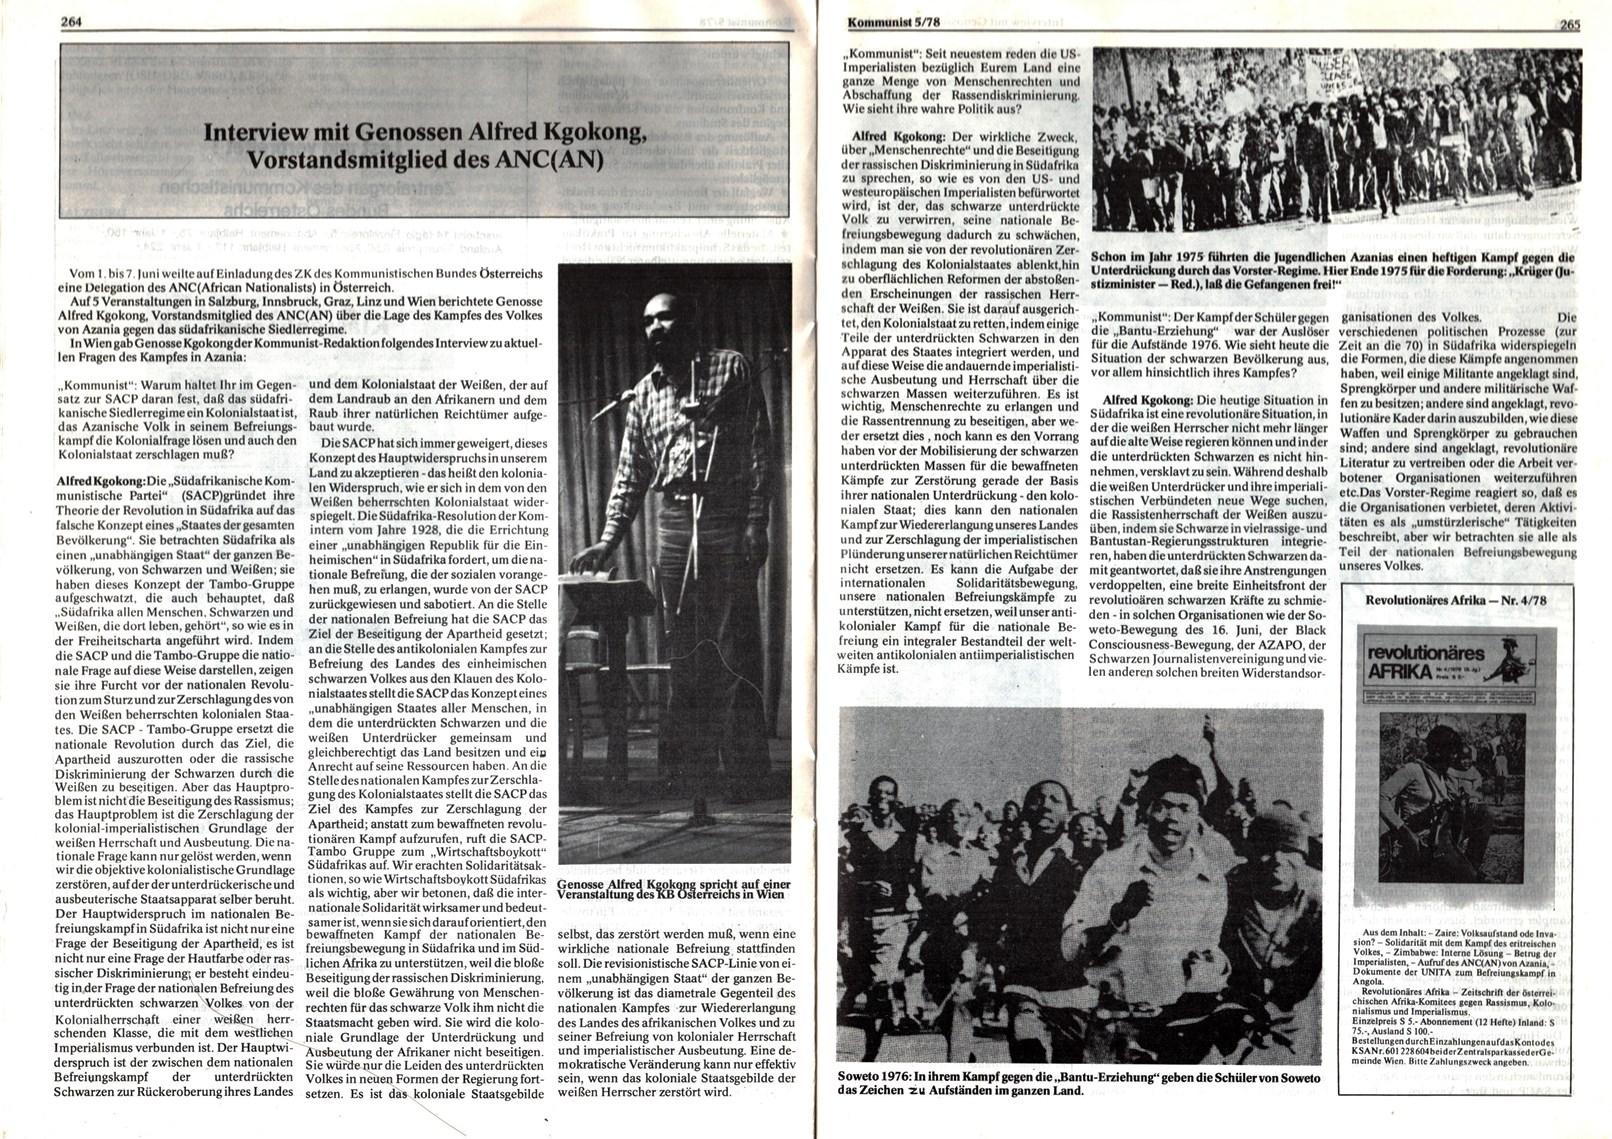 KBOe_TO_Kommunist_19780700_005_010